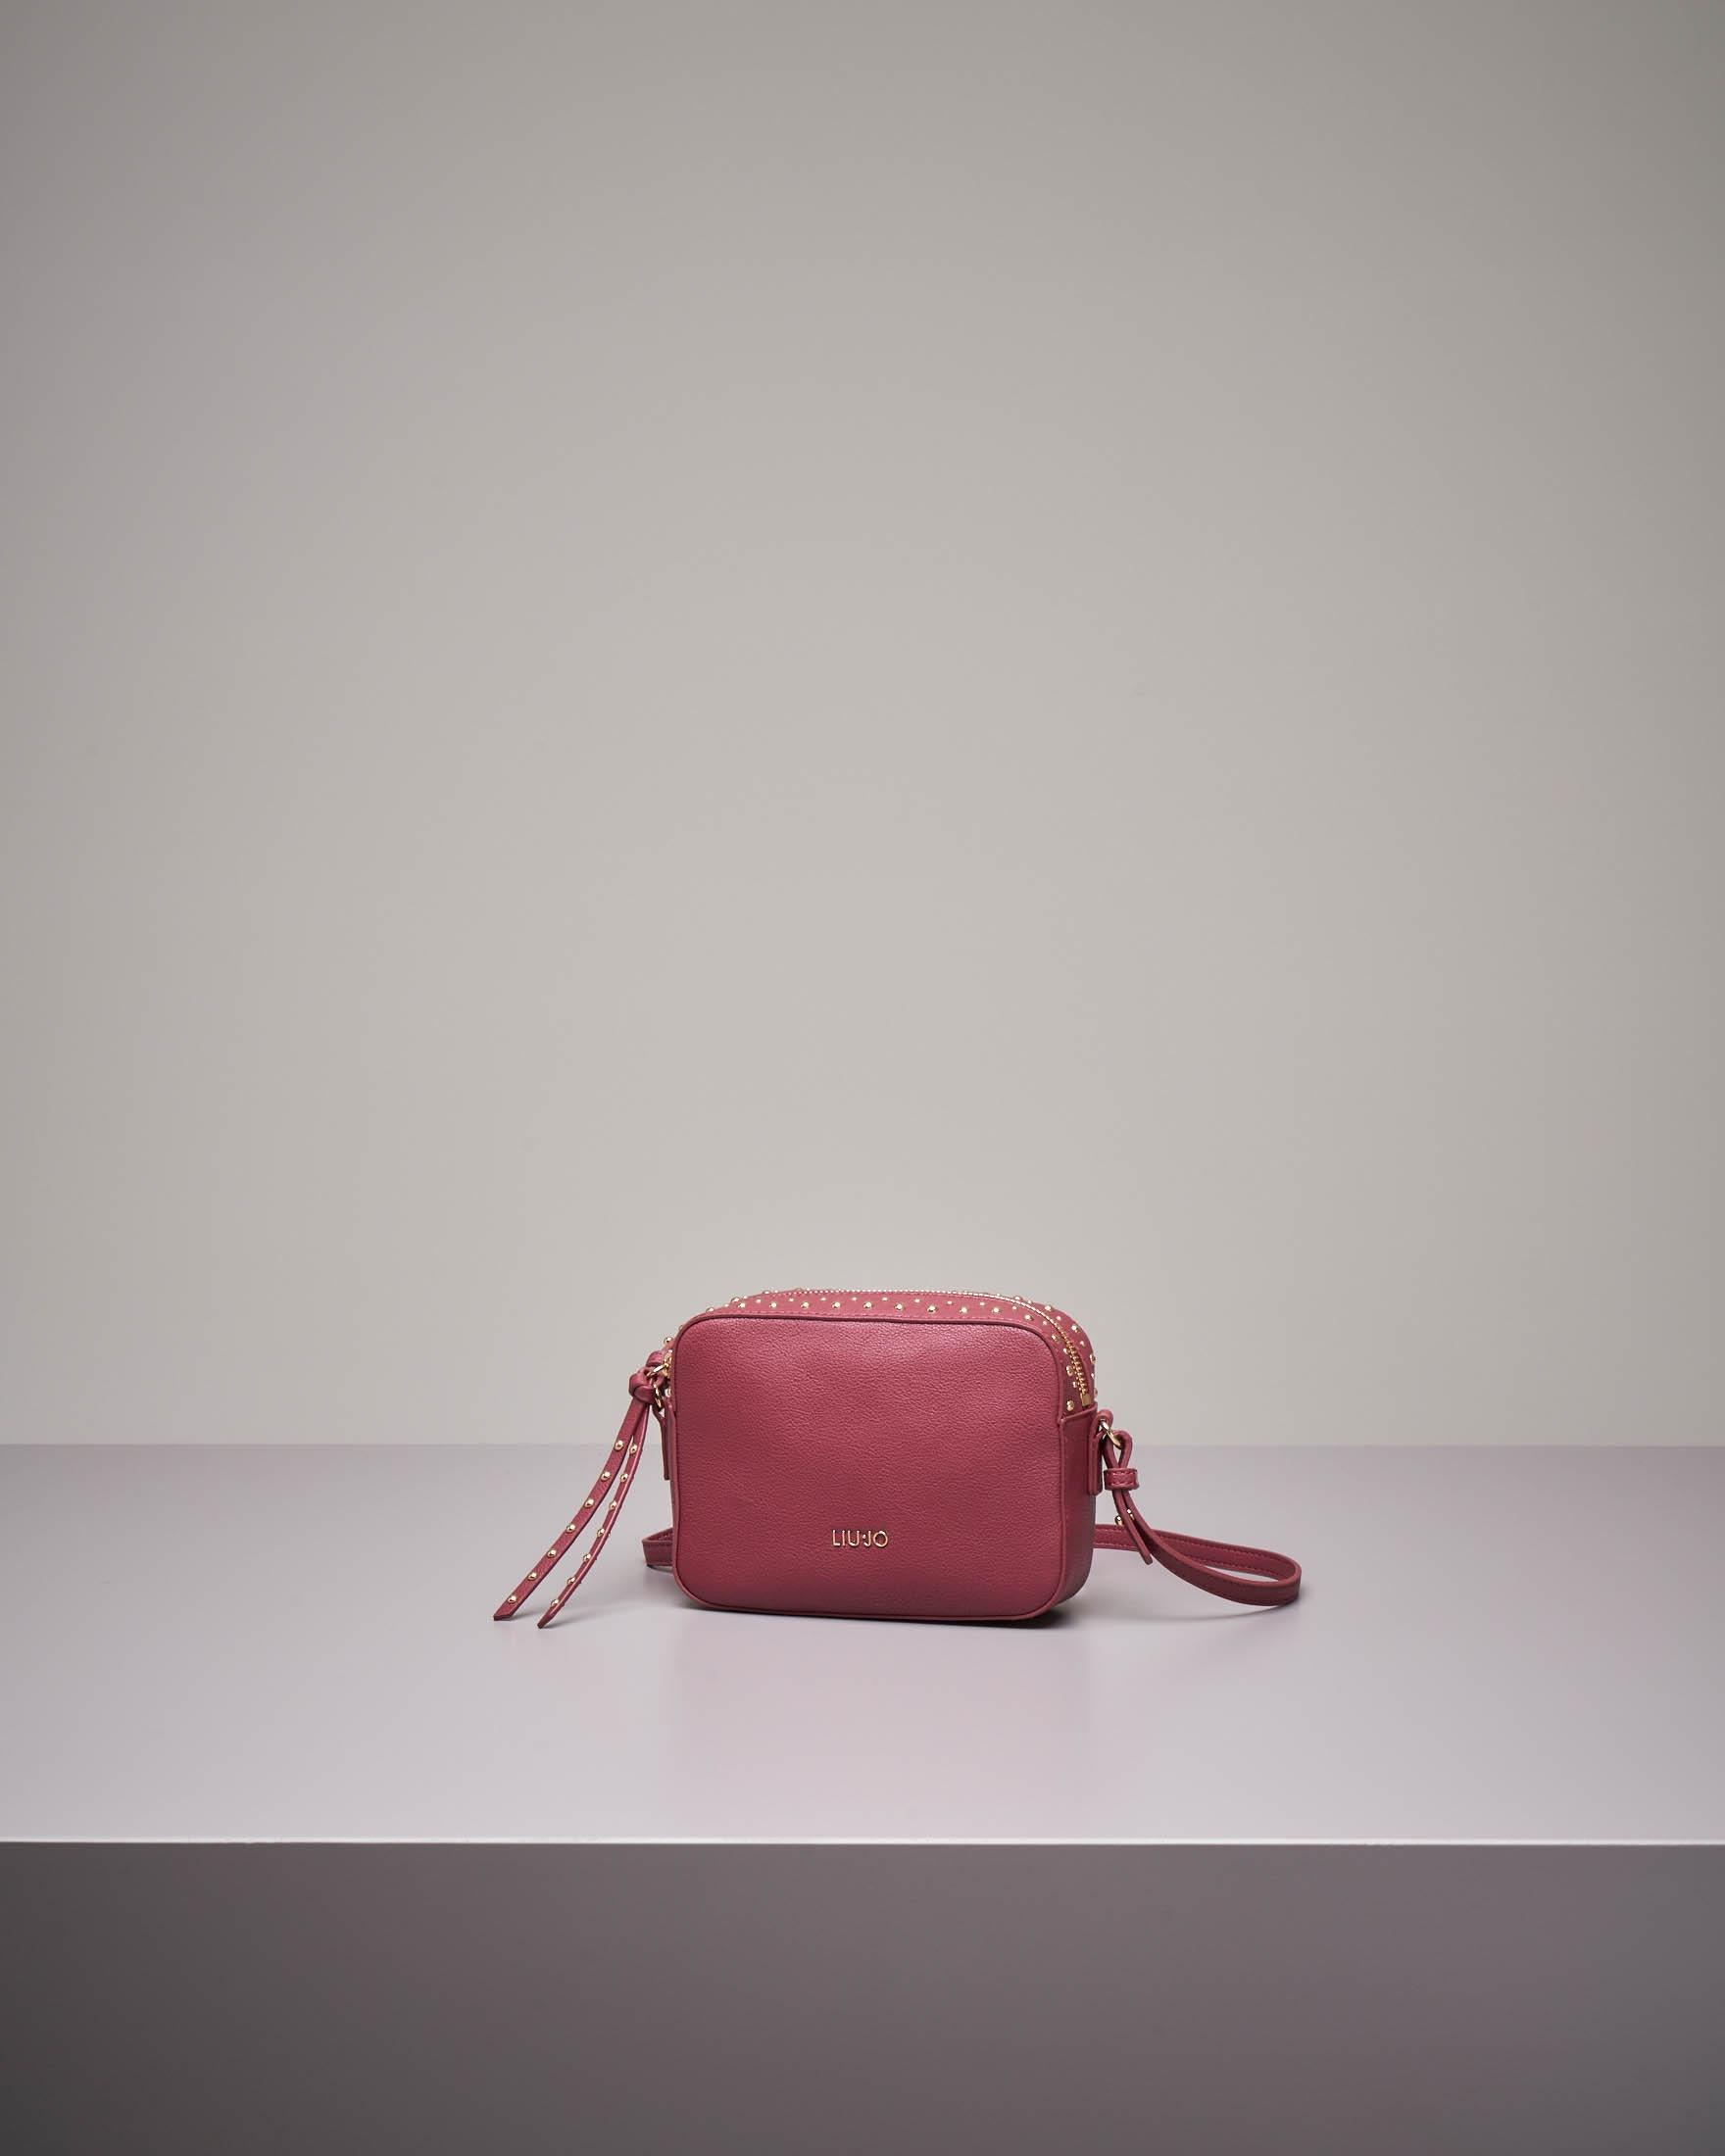 Cross bag bordeaux in similpelle con borchie